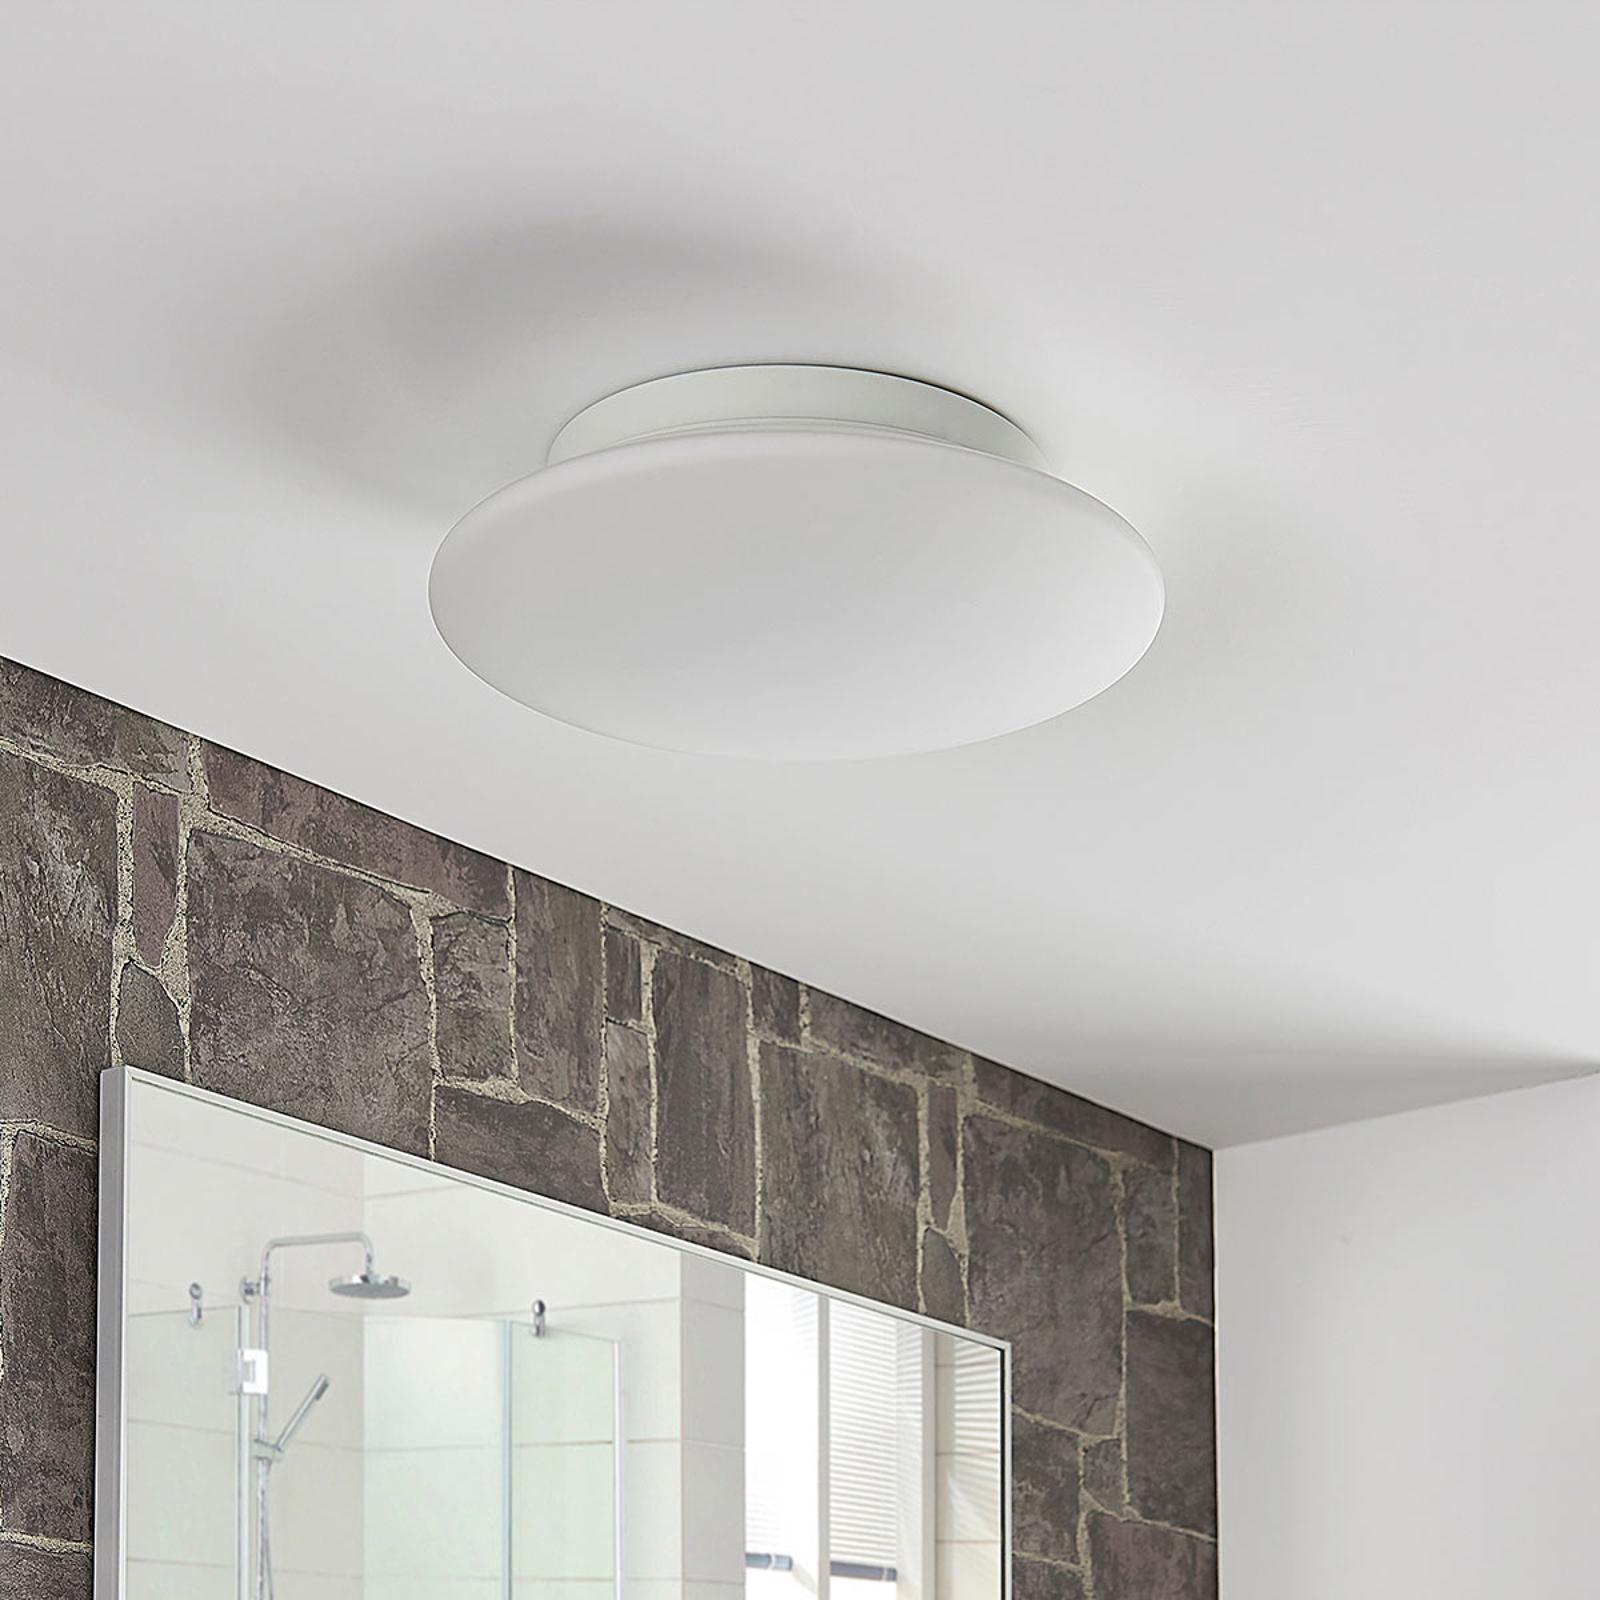 Plafoniera LED in vetro Toan, IP44, dimmerabile